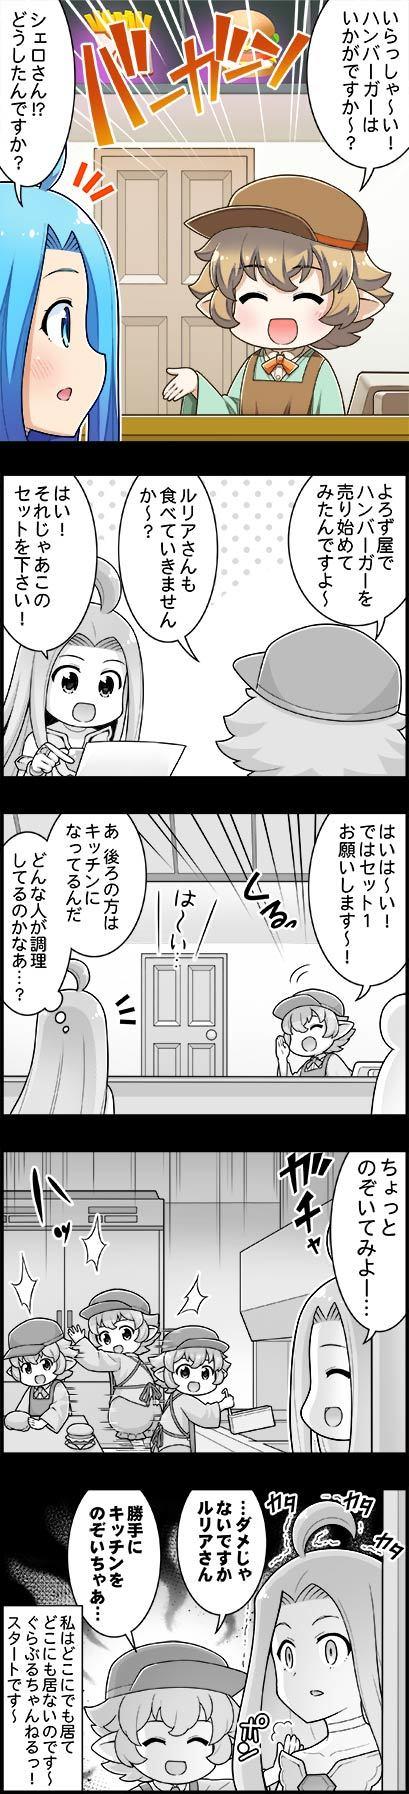 4koma_079.jpg